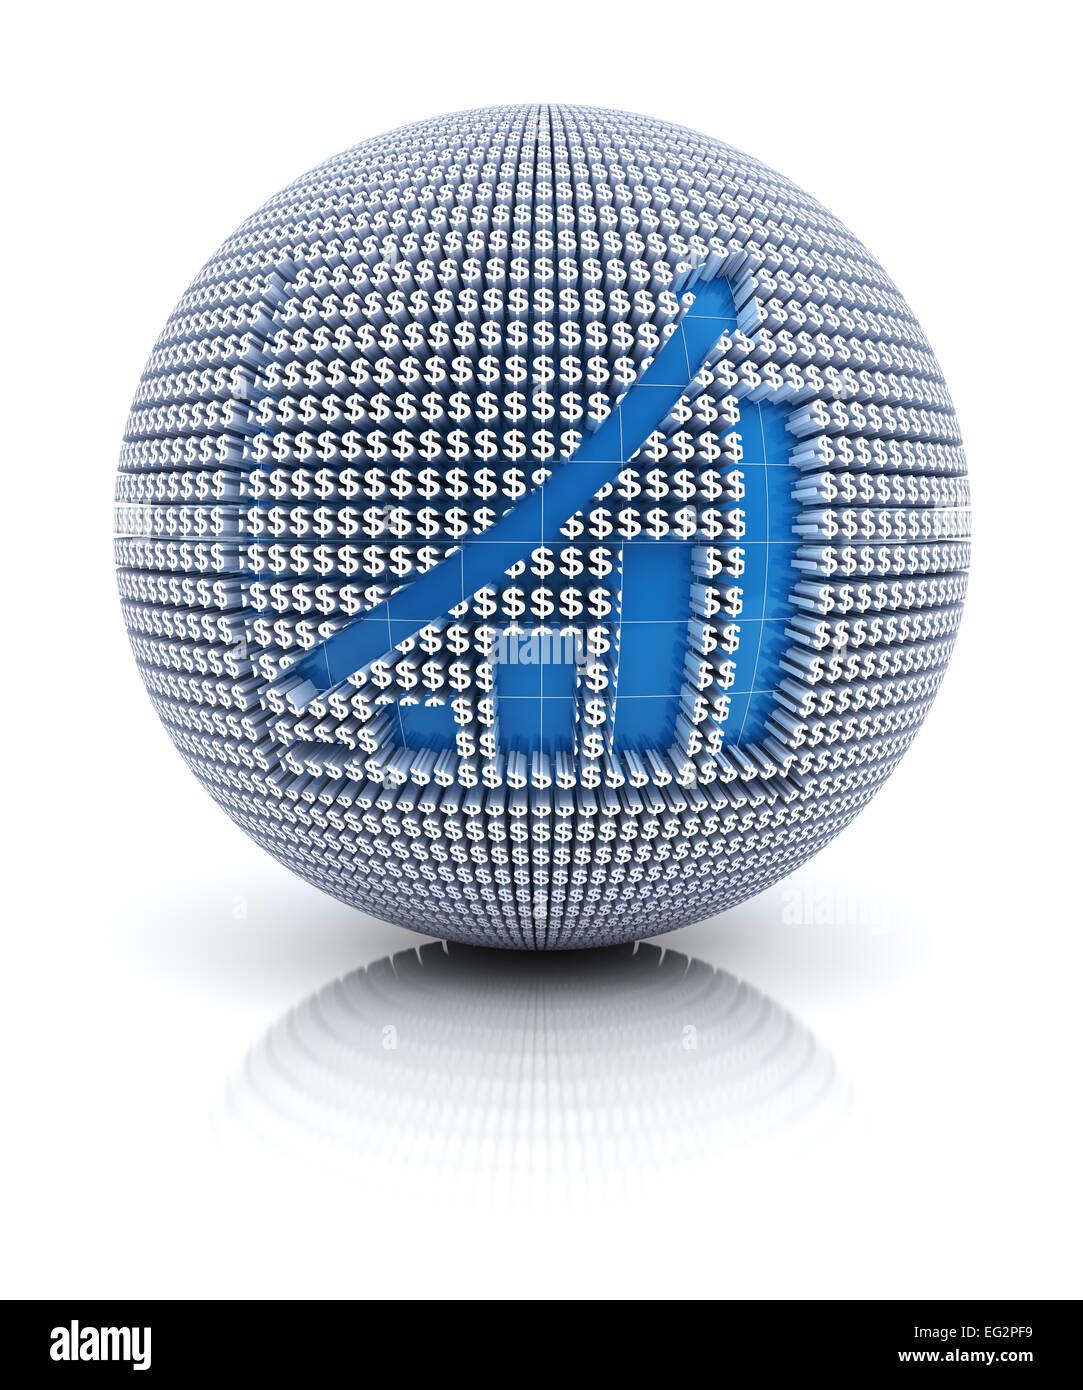 Icono gráfico en el mundo formado por el signo del dólar, 3D Render Imagen De Stock